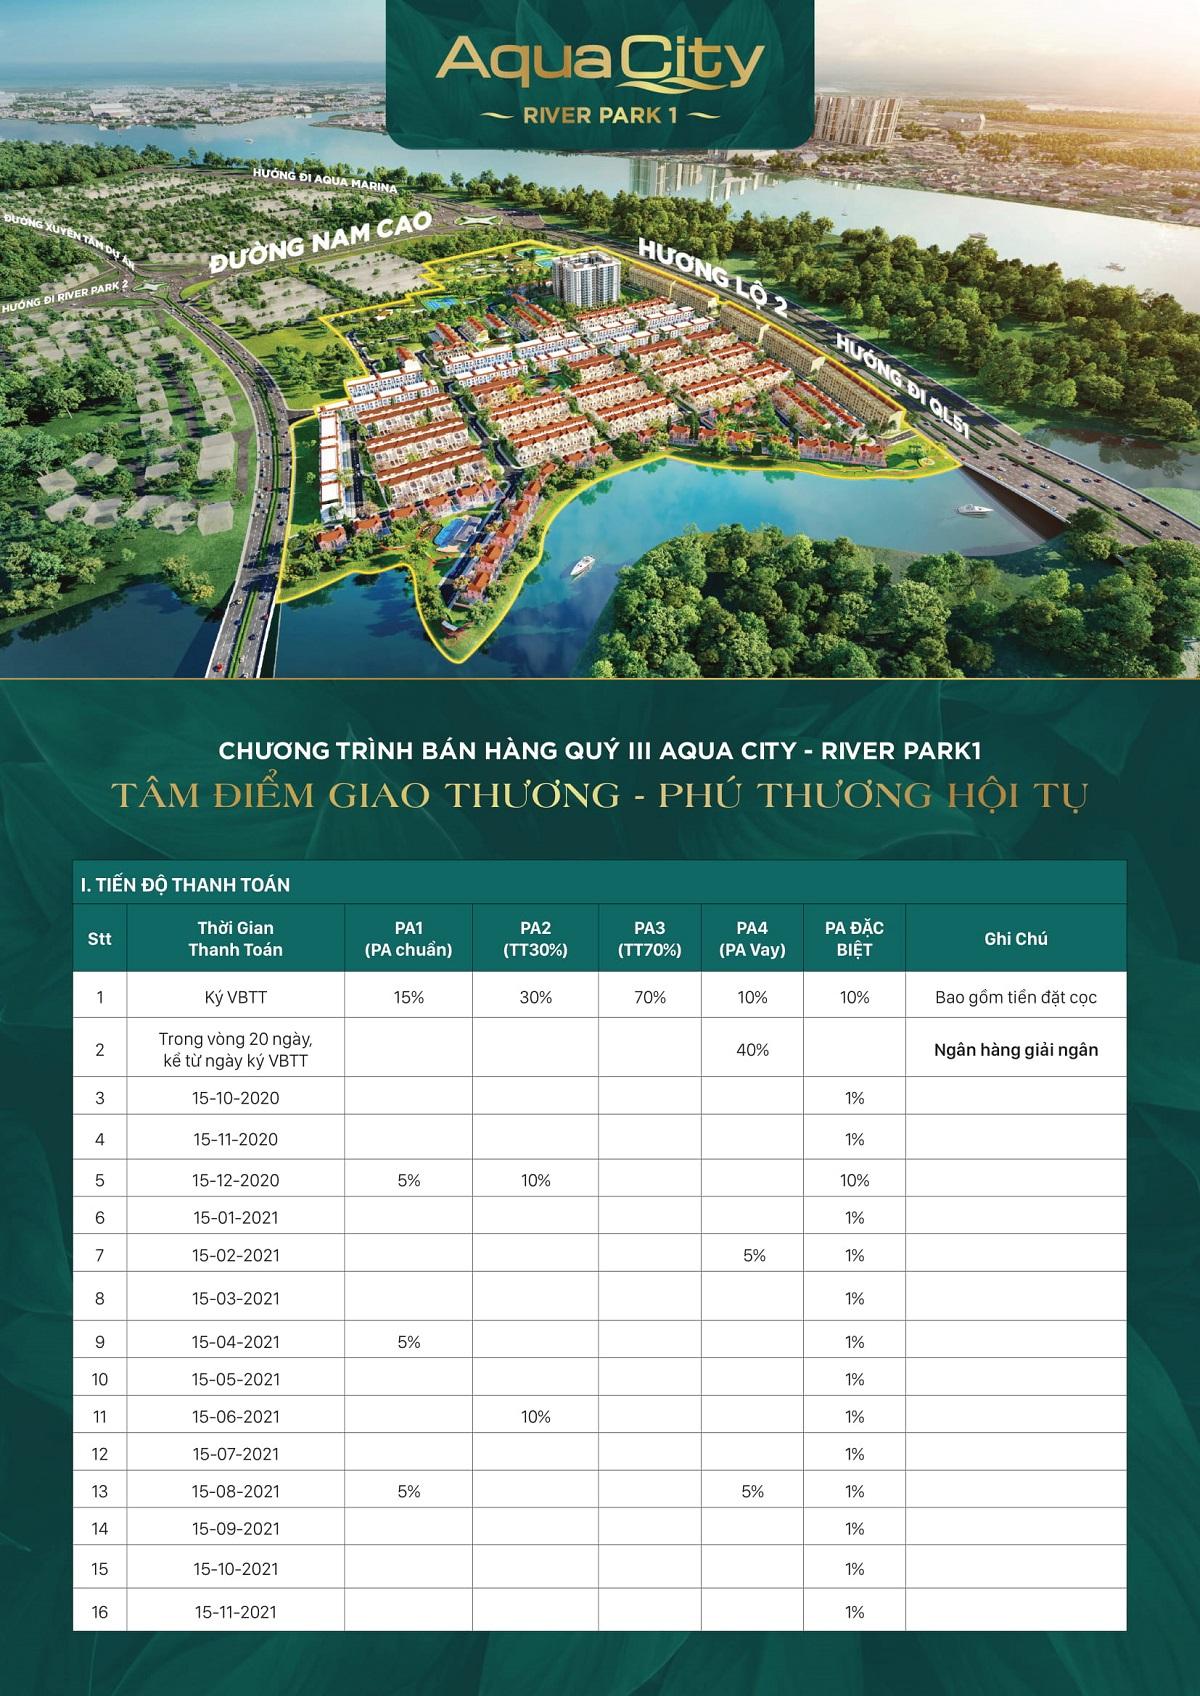 ctbh-aqua-city-river-park-1